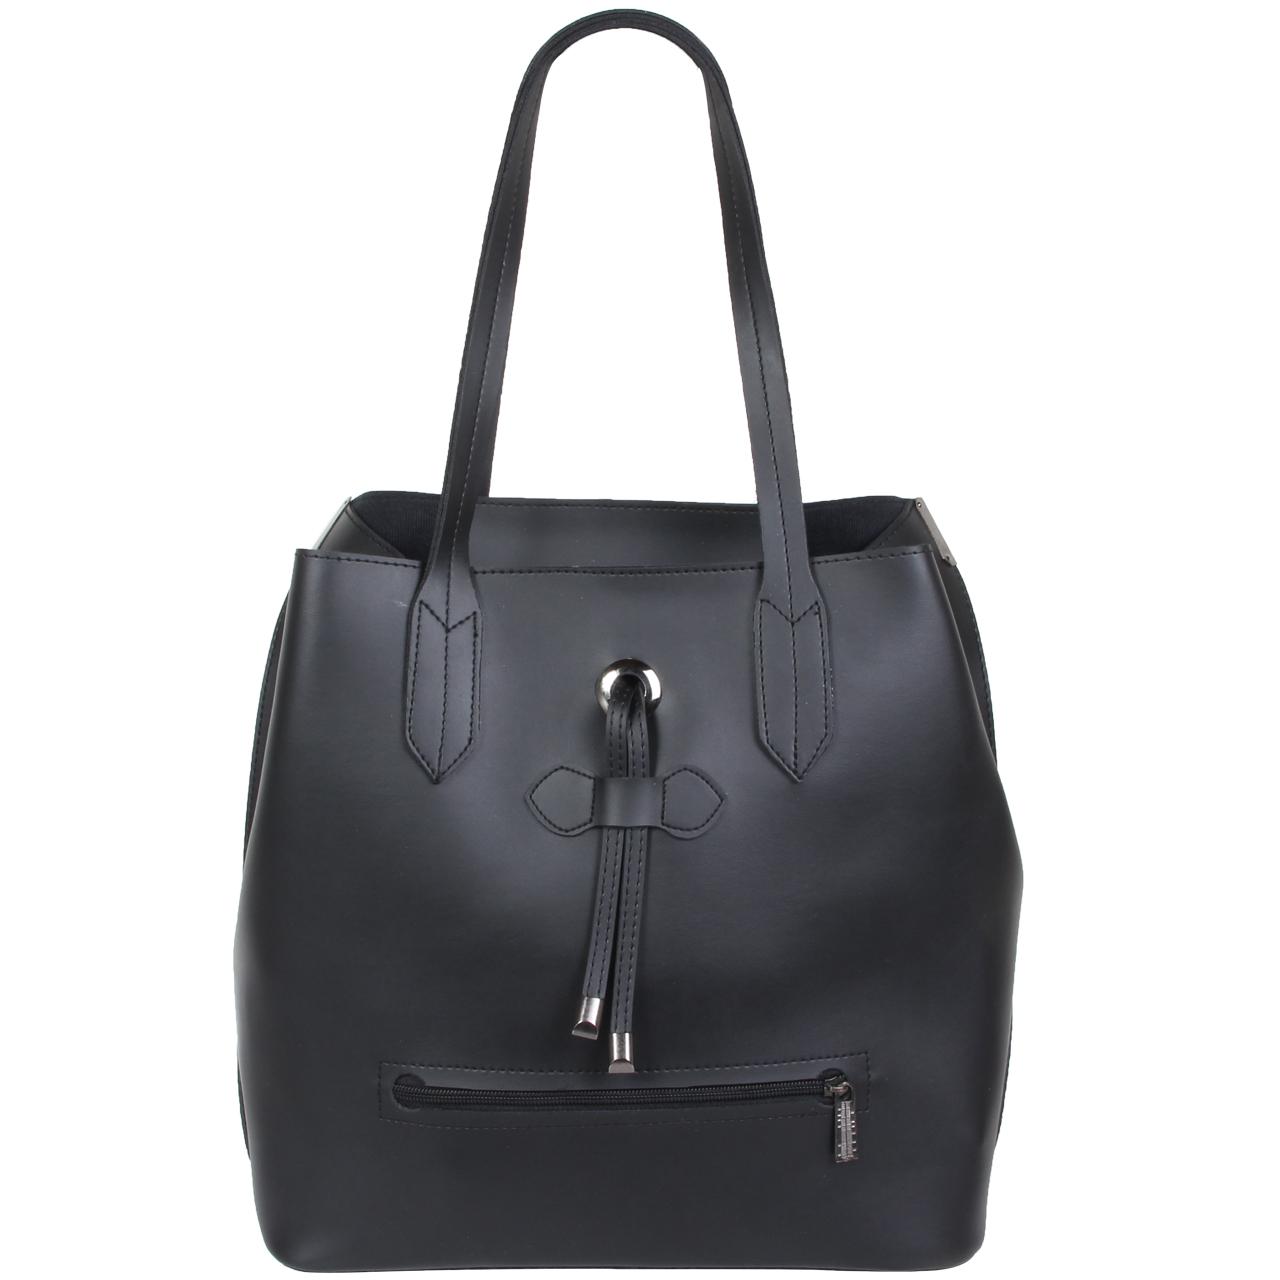 قیمت کیف زنانه رودوشی  مدل 1-2146